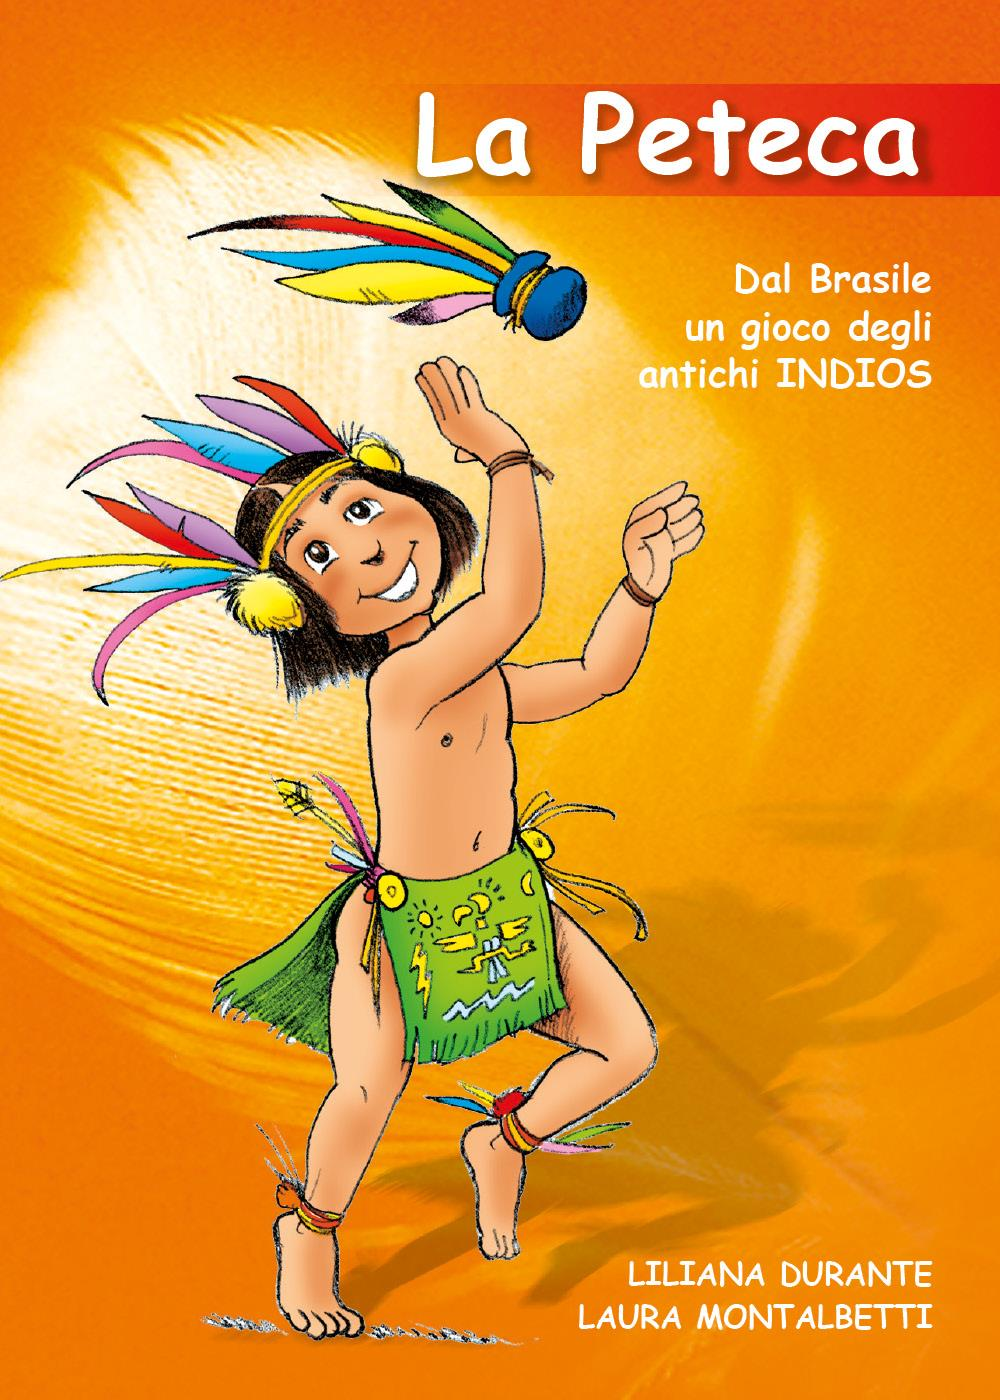 LAPETECA dal Brasile un gioco degli antichi Indios